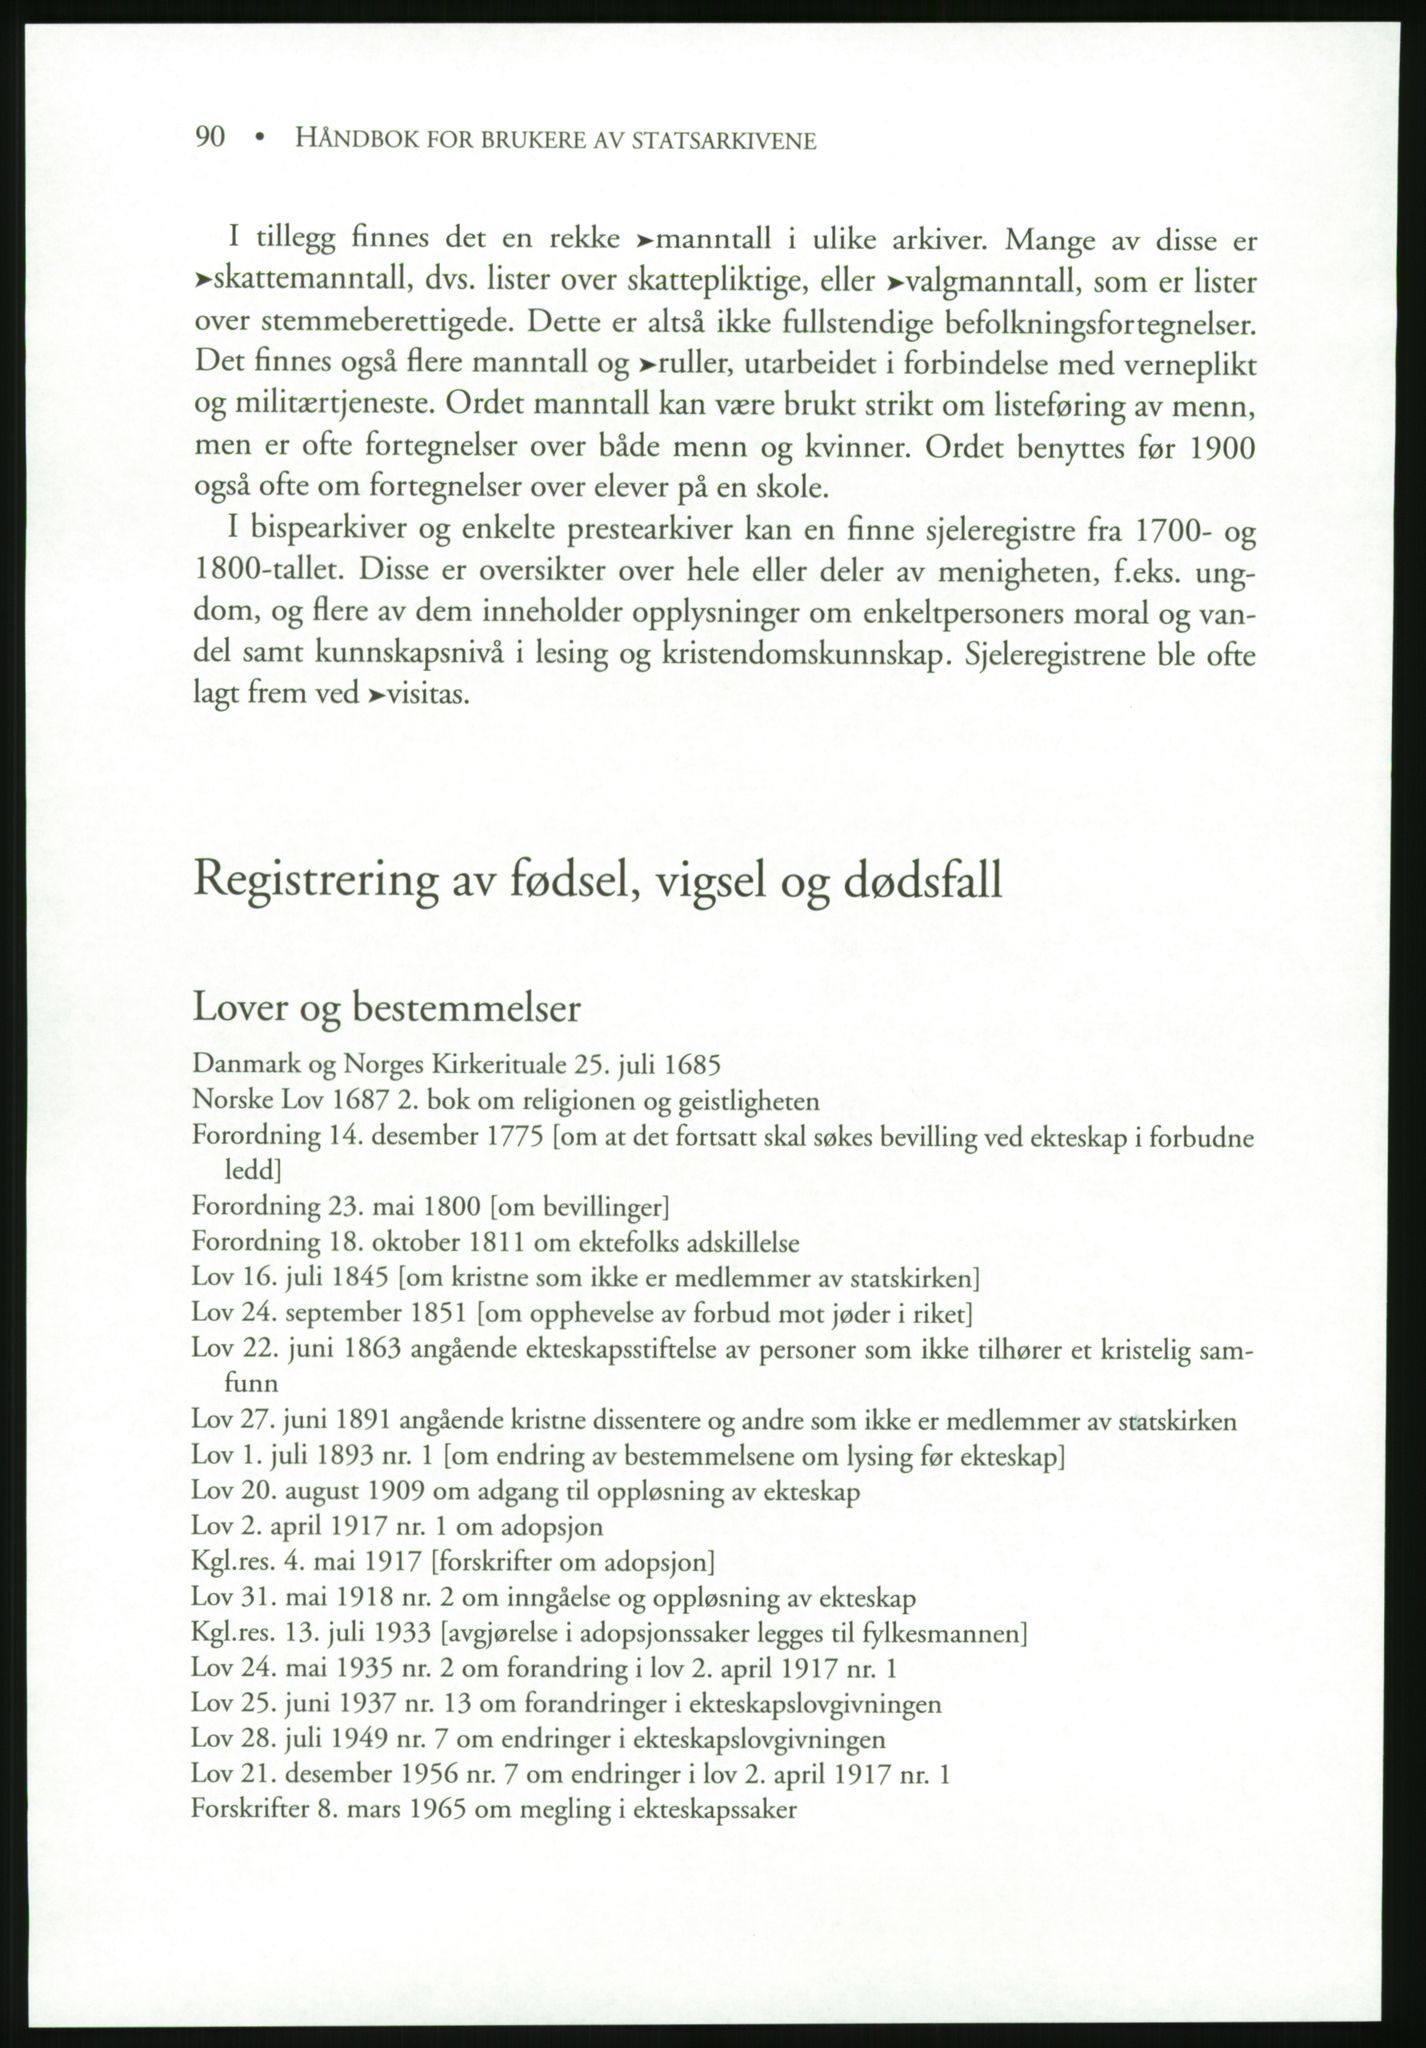 PUBL, Publikasjoner utgitt av Arkivverket, -/19: Liv Mykland: Håndbok for brukere av statsarkivene (2005), 2005, s. 90